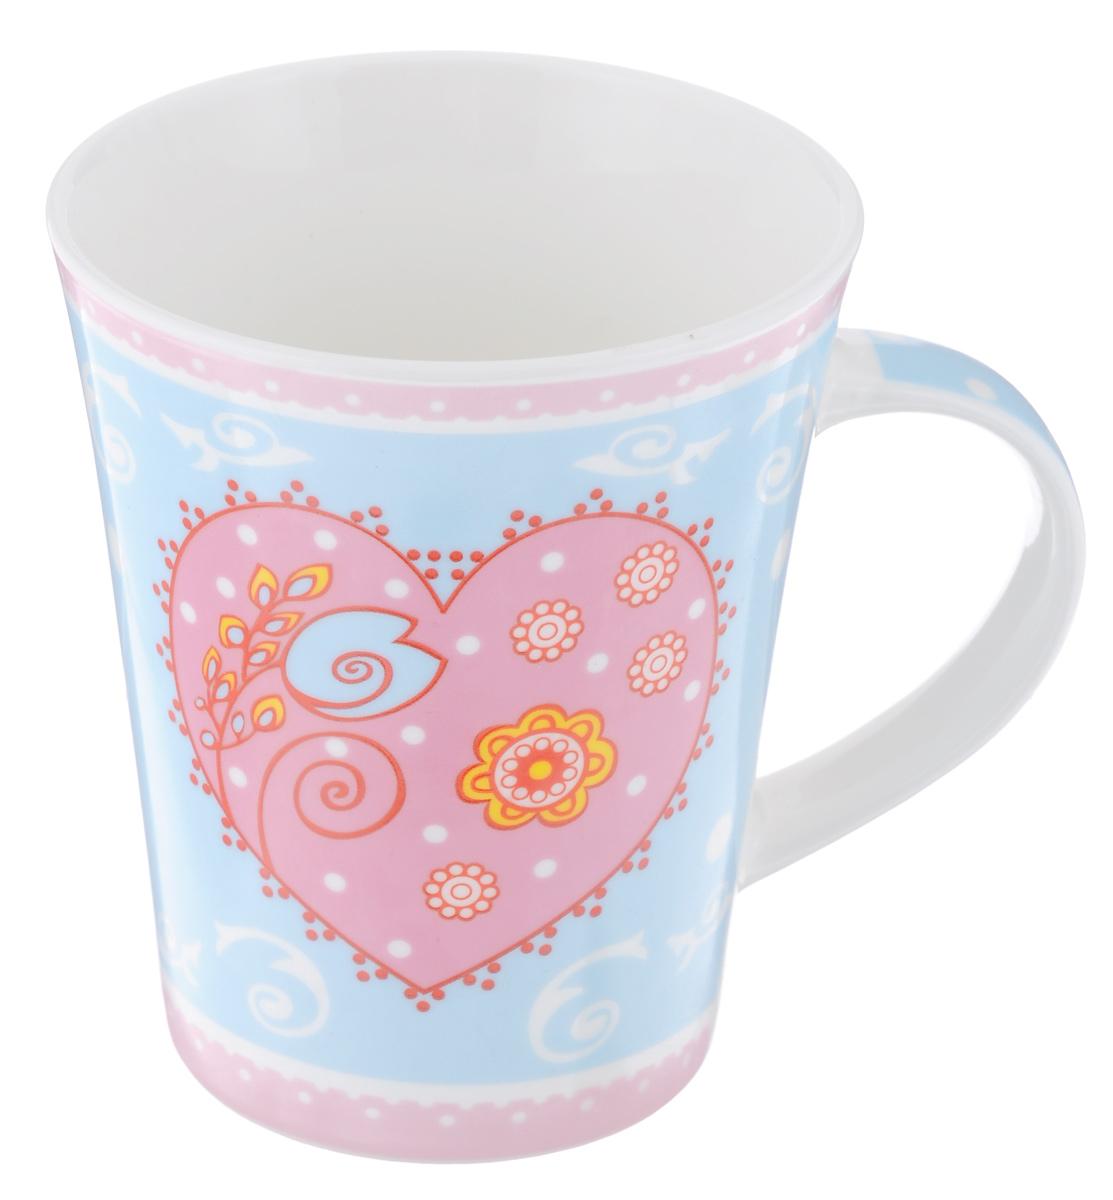 Кружка Loraine Сердце, 400 мл22118_голубой, розовыйОригинальная кружка Loraine Сердце выполнена из фарфора и оформлена красочным рисунком. Она станет отличным дополнением к сервировке семейного стола и замечательным подарком для ваших родных и друзей.